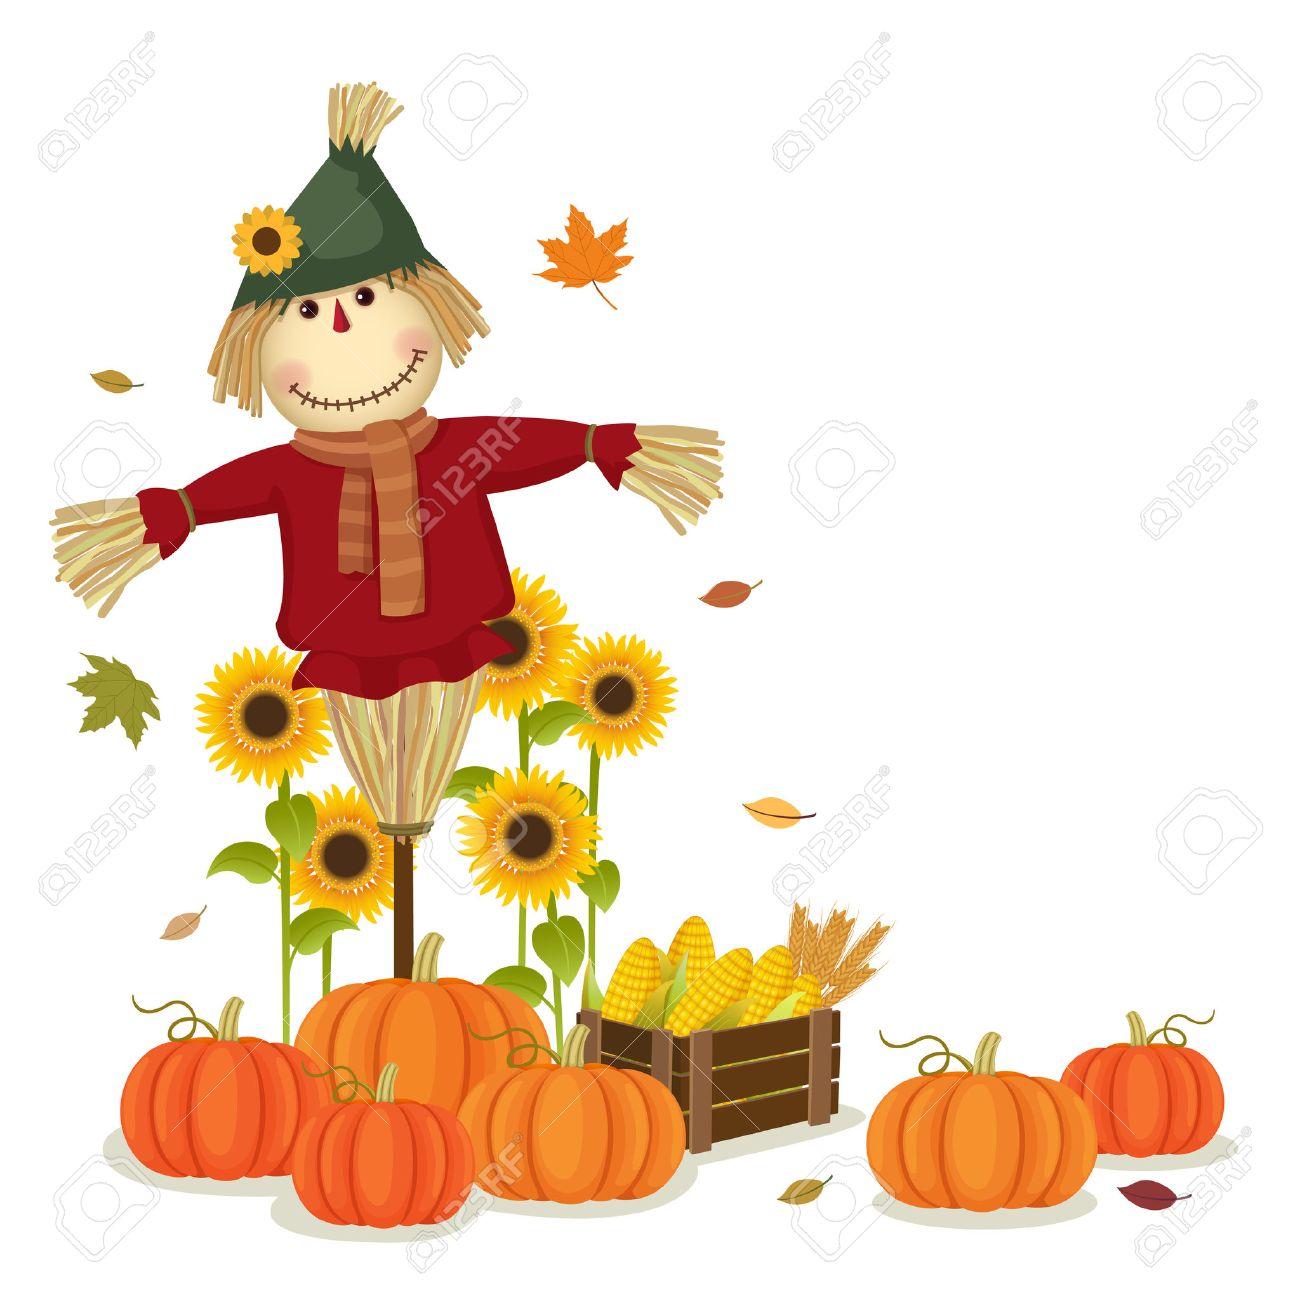 46,161 November Cliparts, Stock Vector And Royalty Free November ...